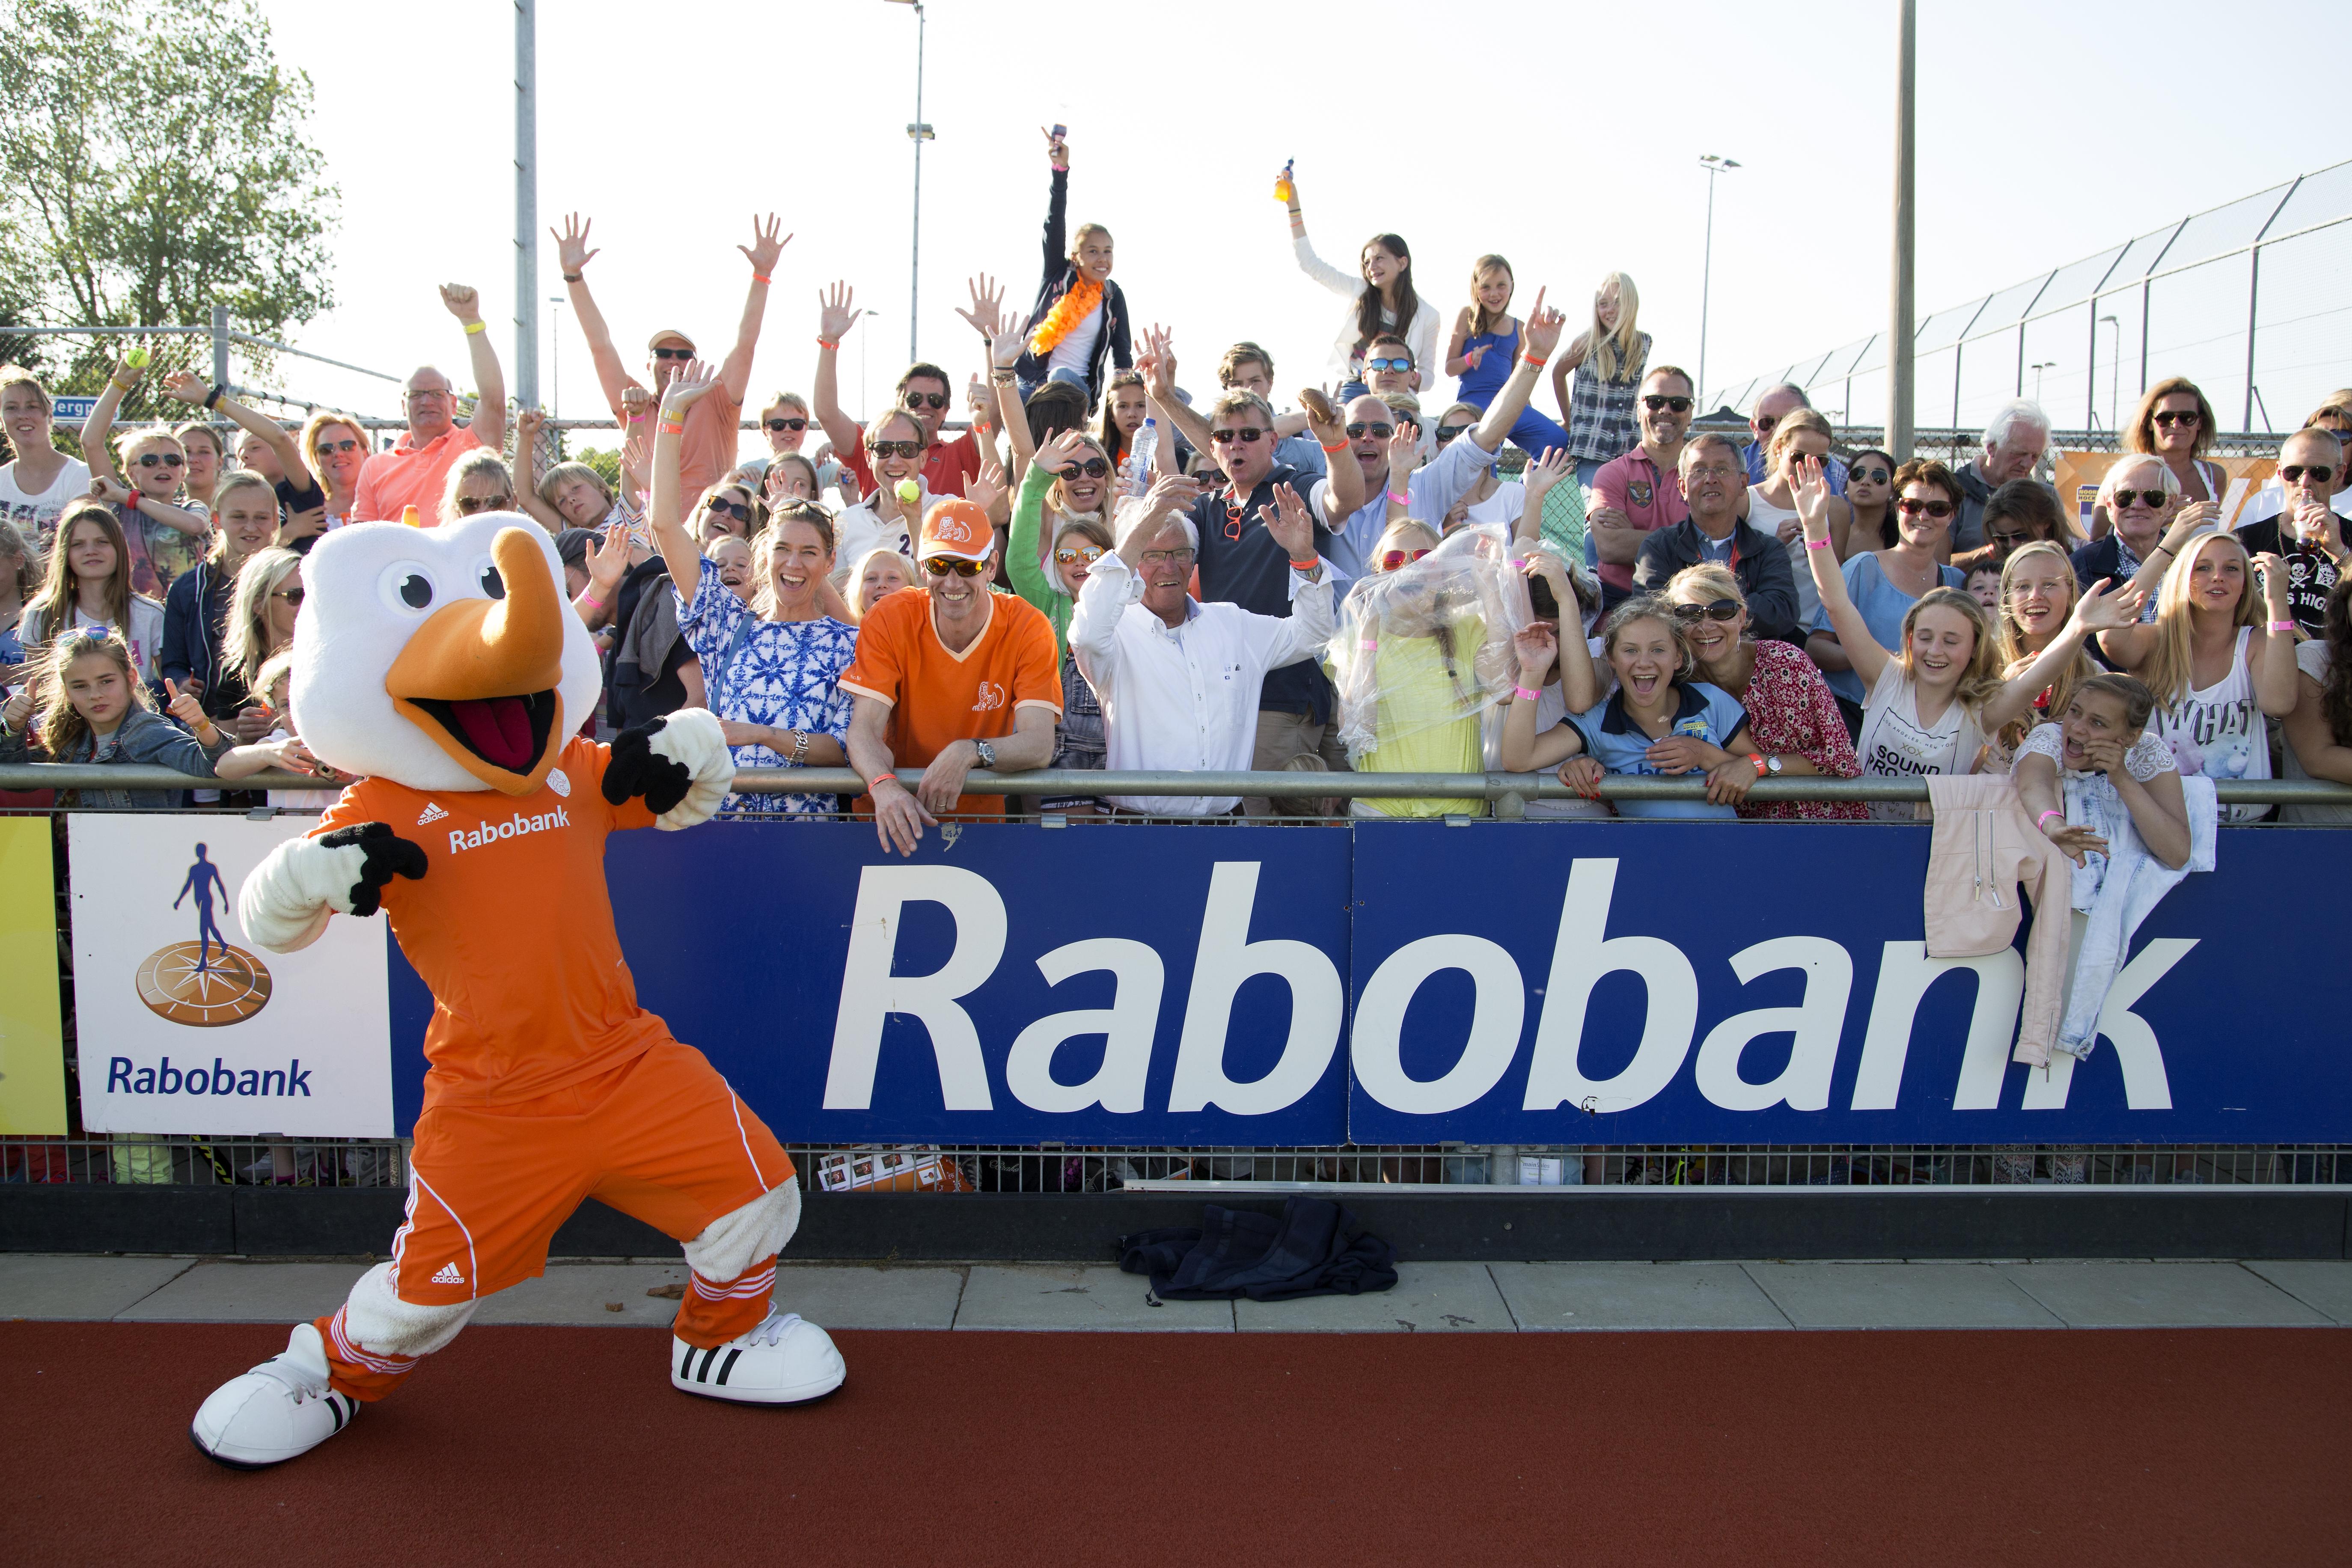 NOORDWIJK - Interland Nederland - Nieuw Zeeland Dames, RaboSuperSerie, Seizoen 2014-2015, 11-06-2015, Nederland - Nieuw Zeeland 3-1, reclamebord rabobank.